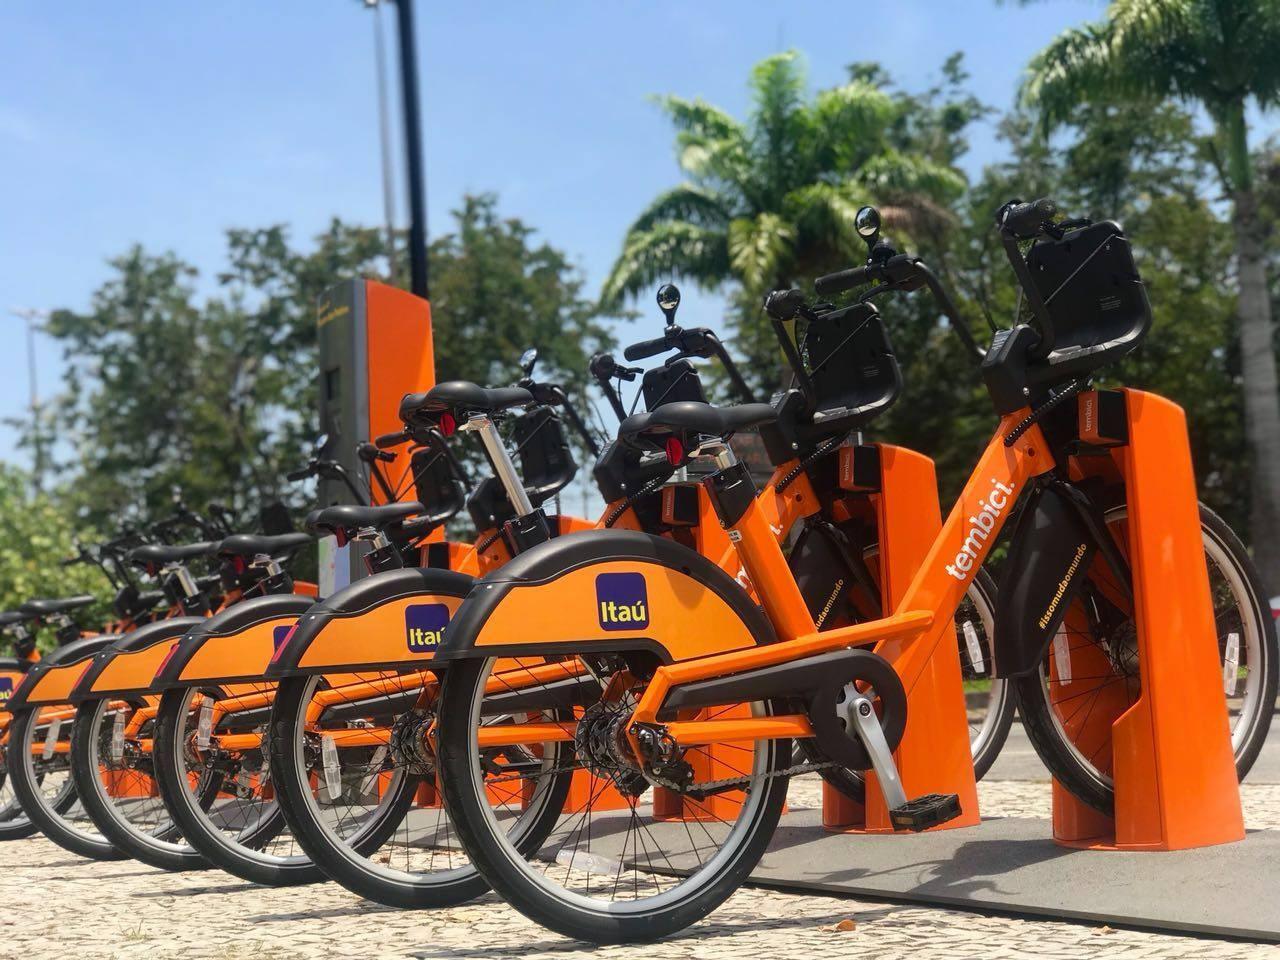 Bike do Itaú (Foto: Divulgação/Facebook)